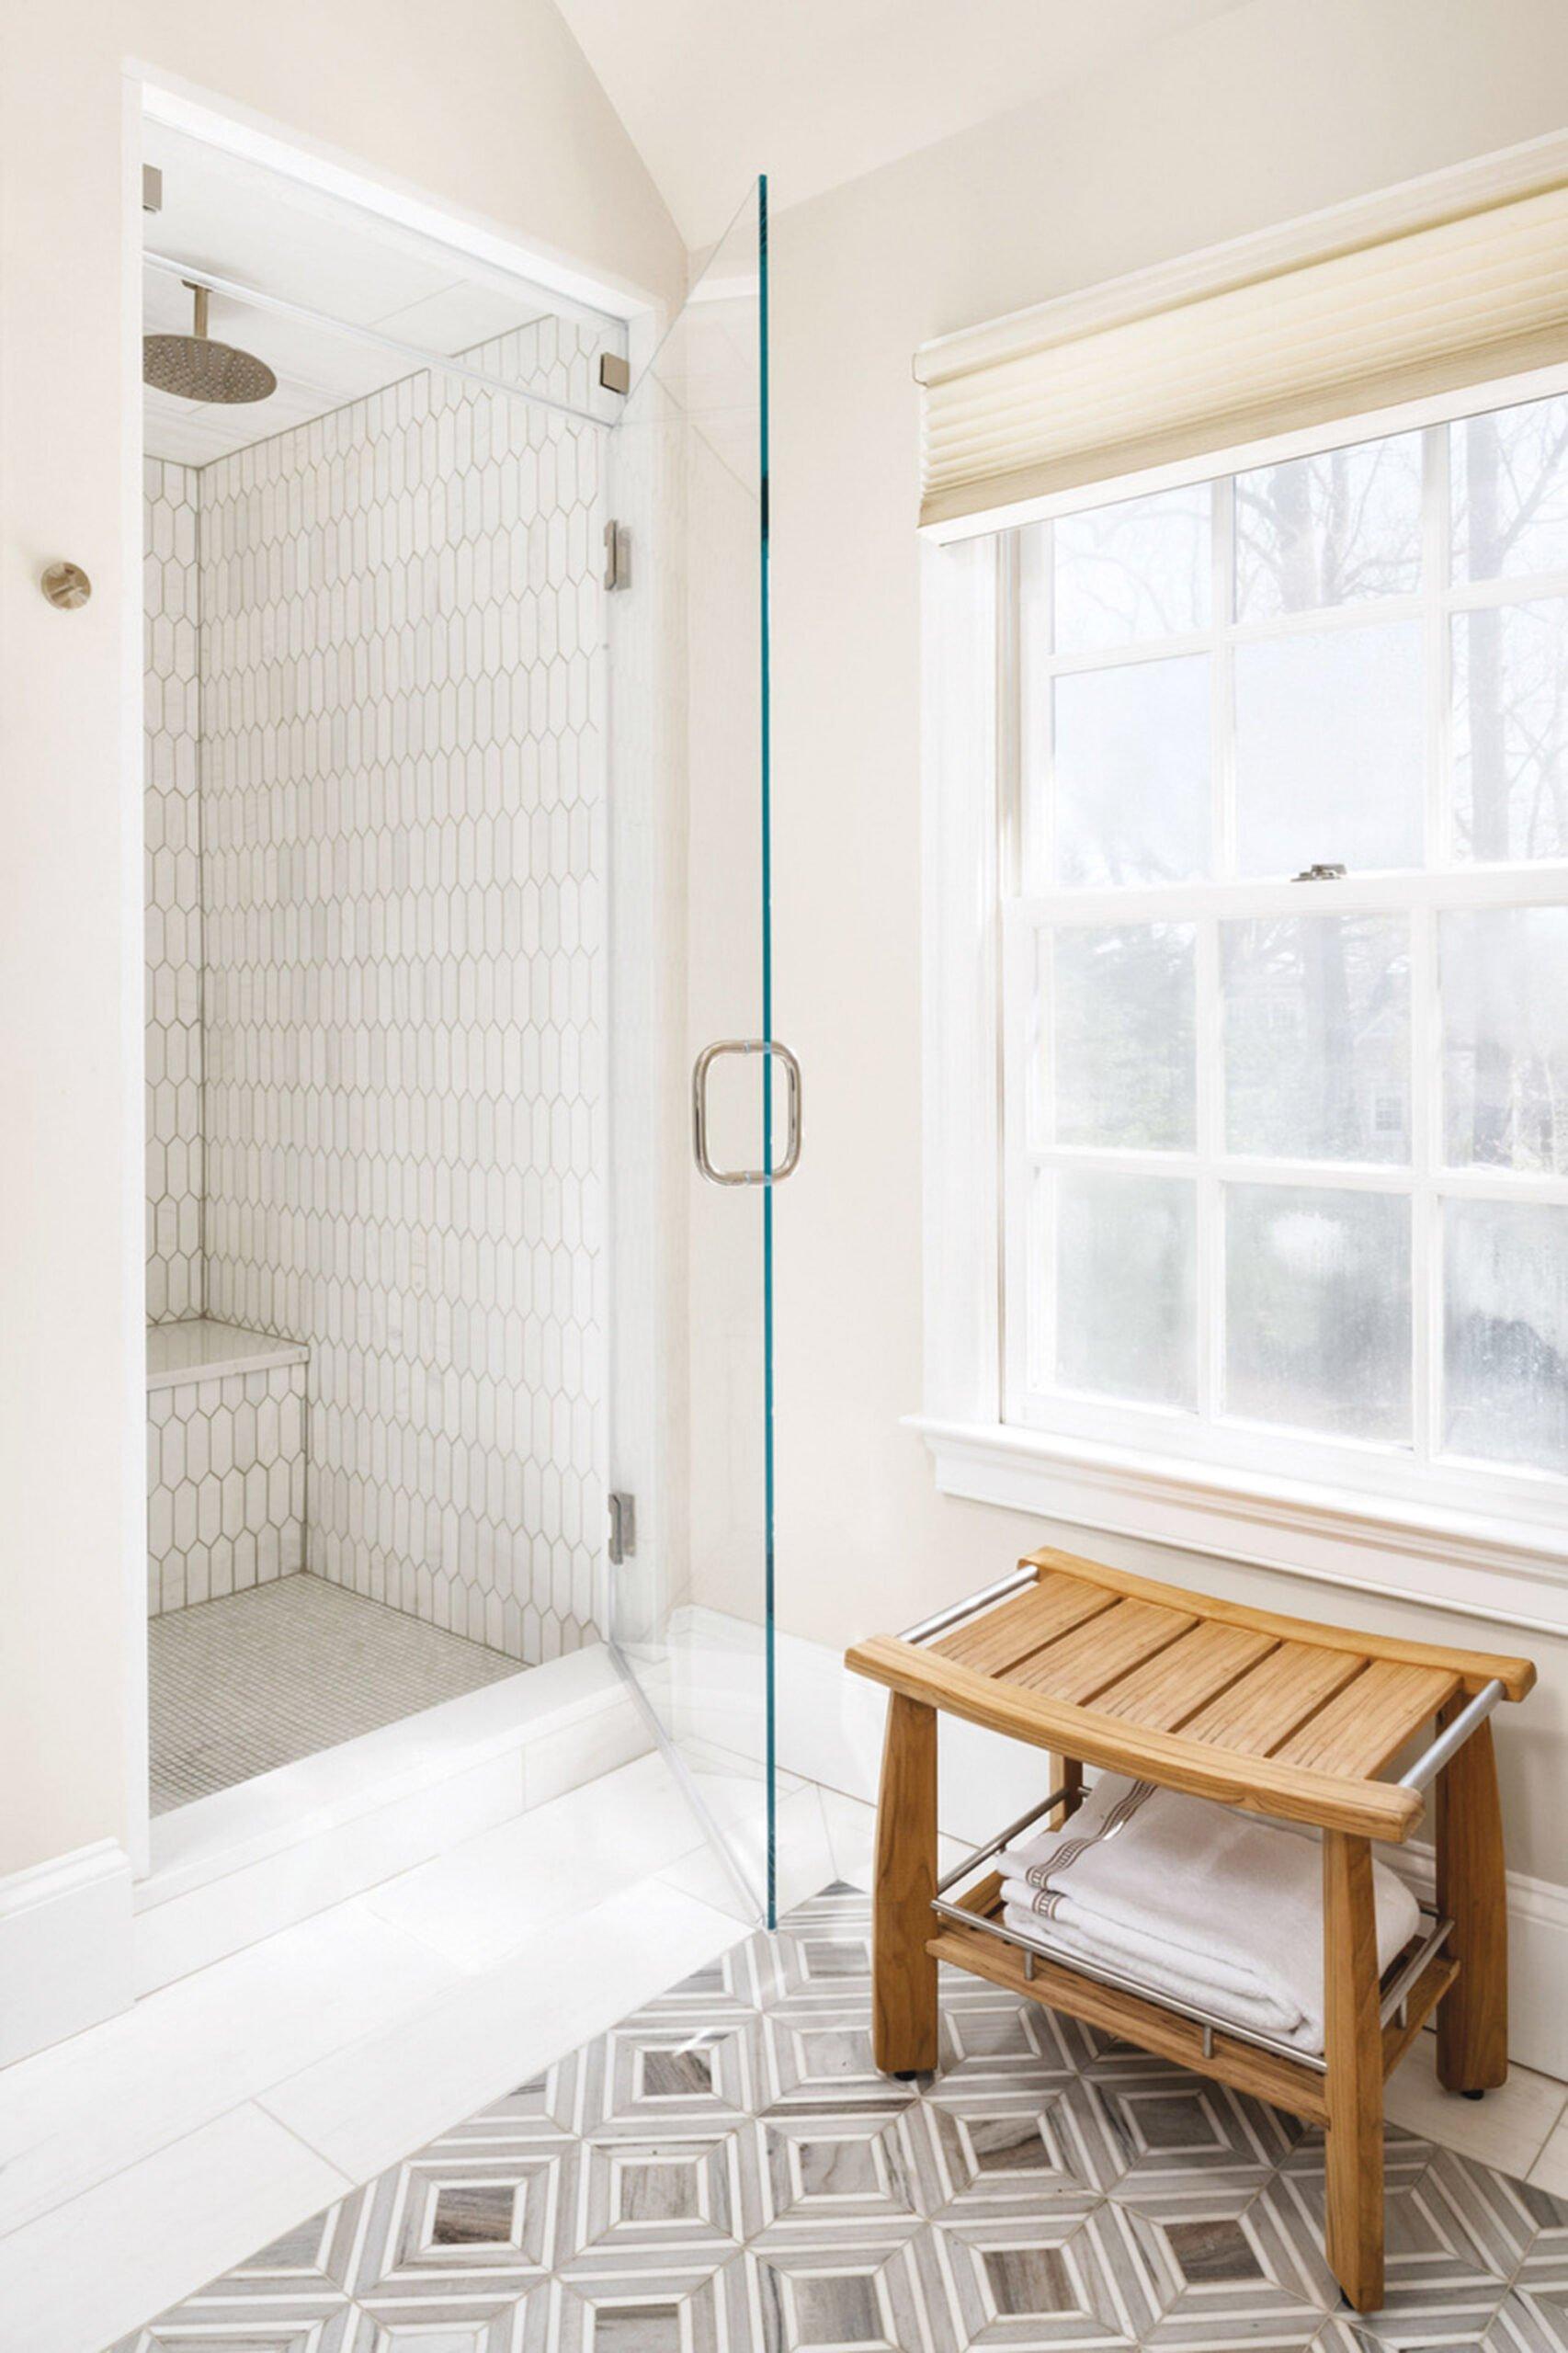 Shower stall in white tile.